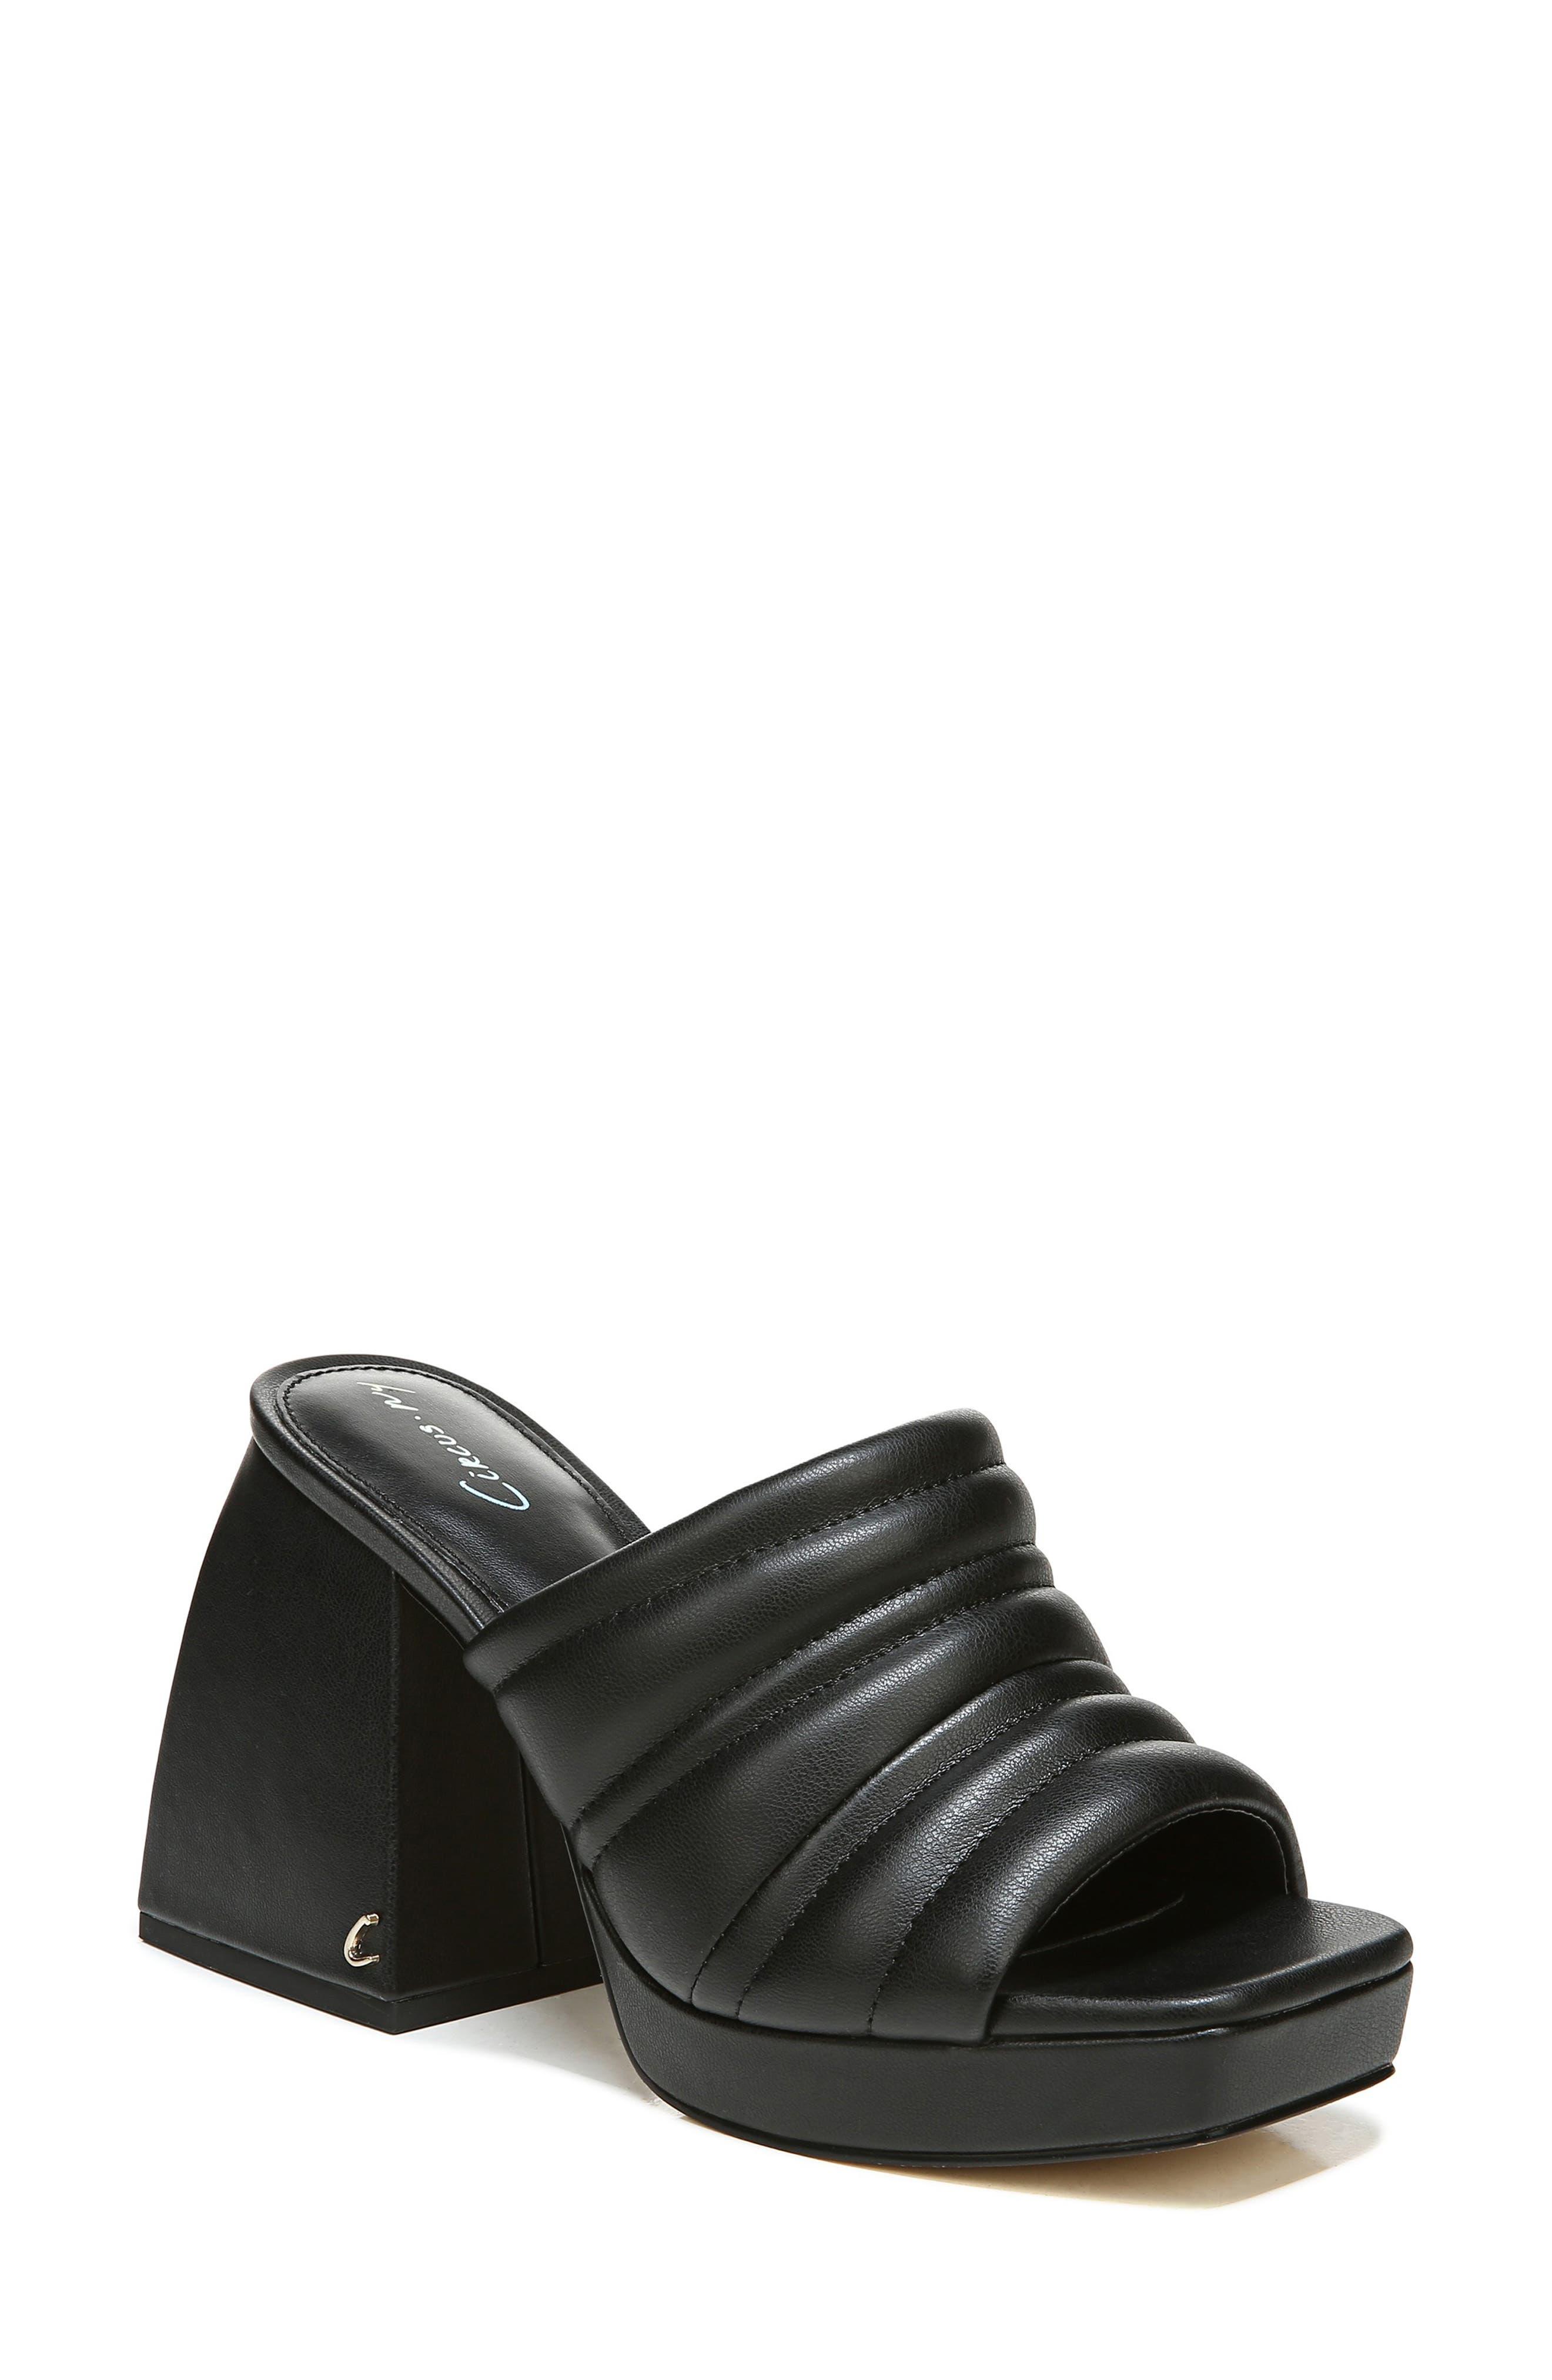 Marlie Platform Sandal